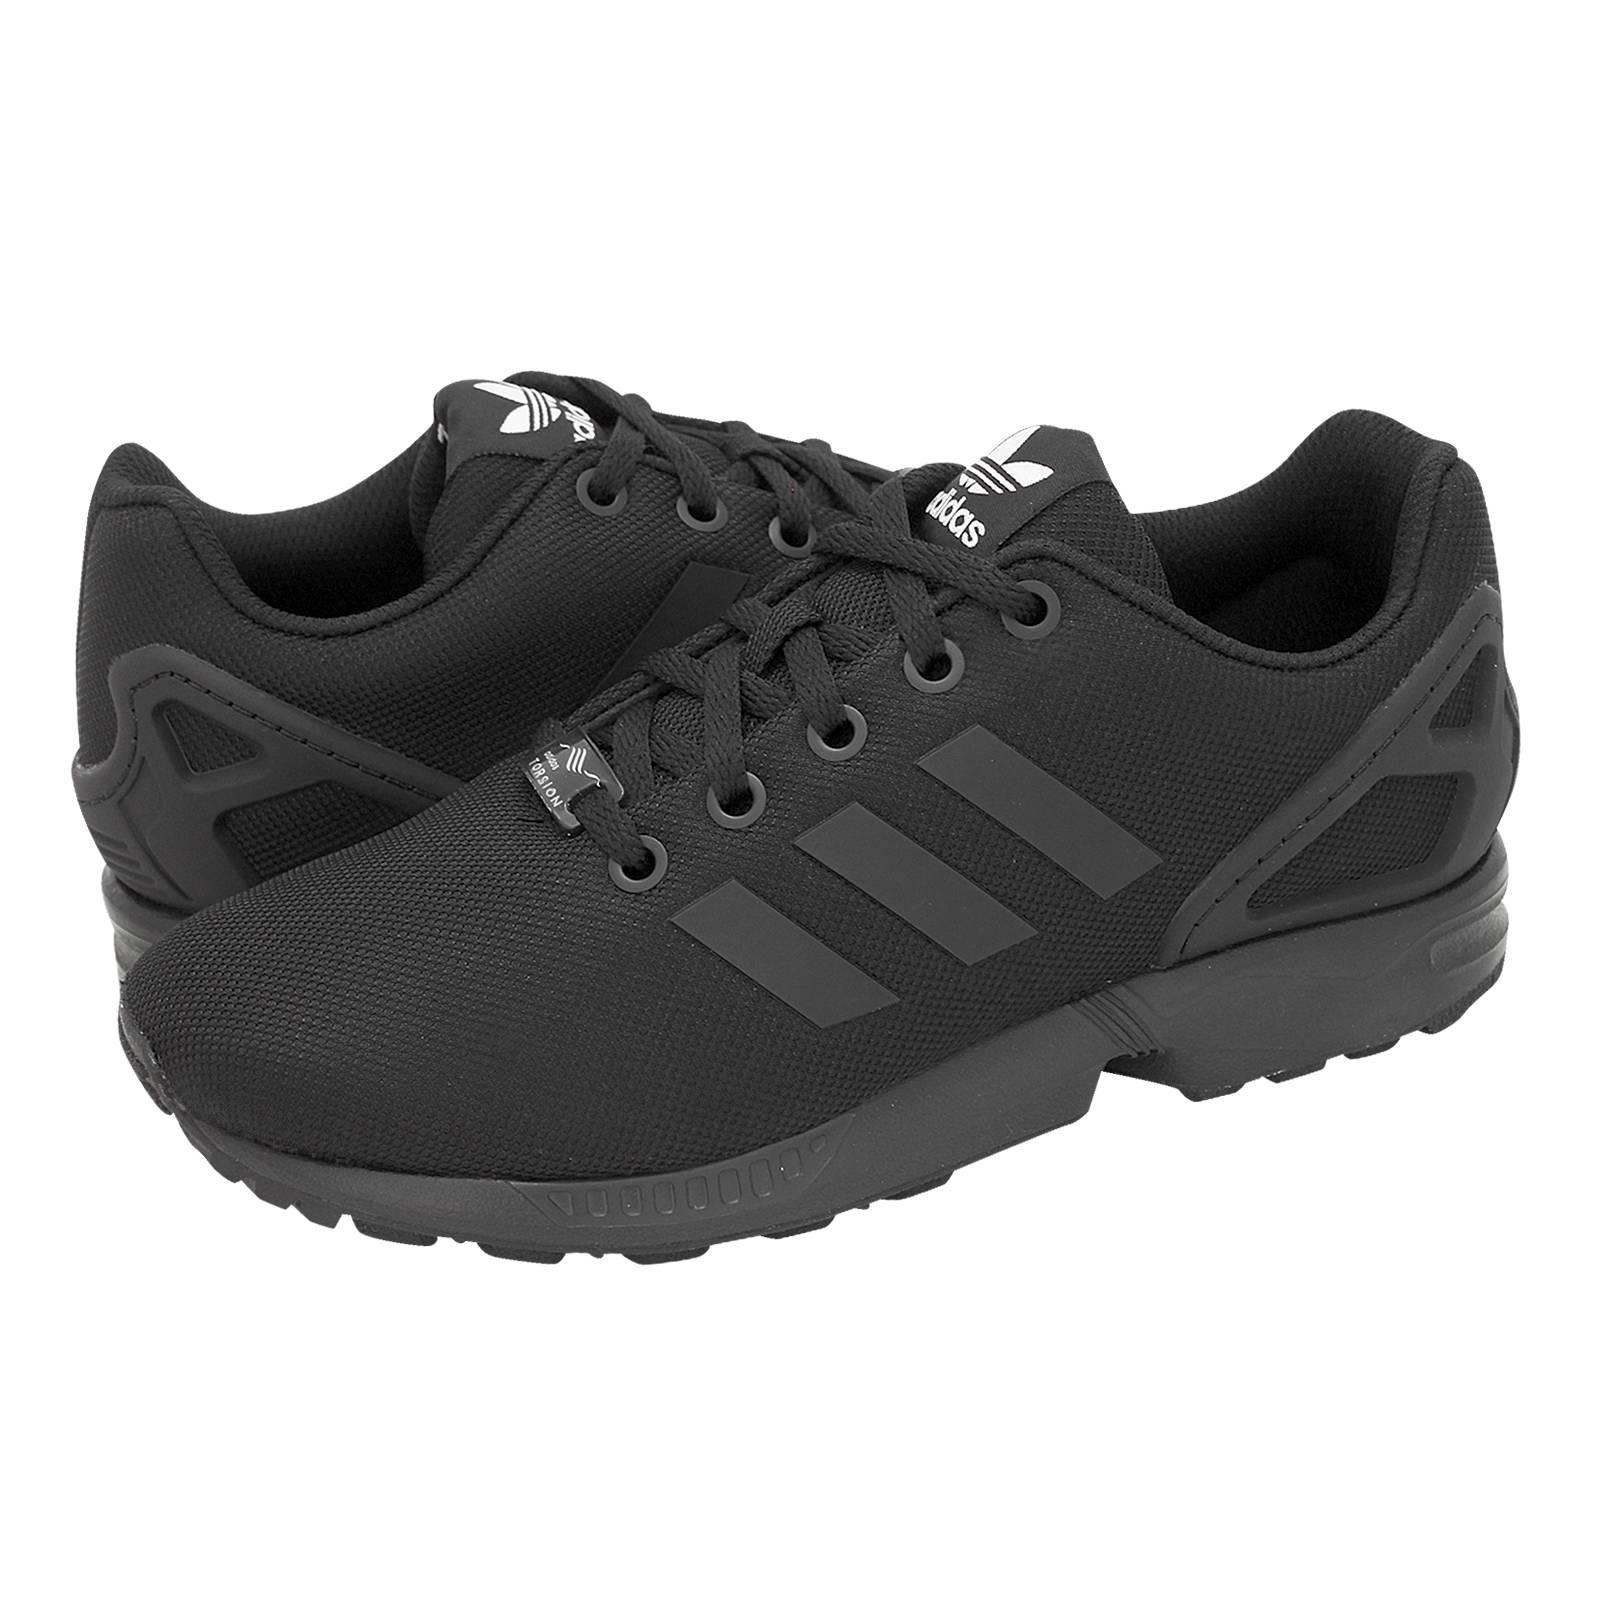 Αθλητικά Παπούτσια Adidas ZX Flux K